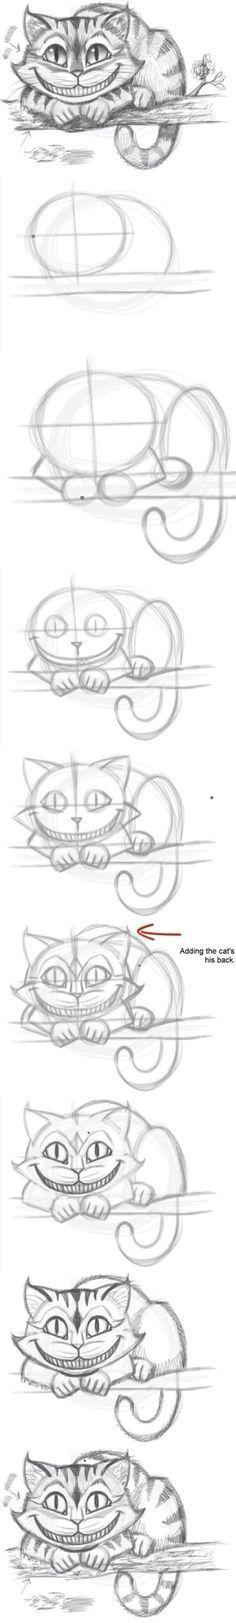 DIY fácilmente dibujar el gato de Cheshire Tutorial LIKE Us on Facebook ==> https://www.facebook.com/UsefulDiy